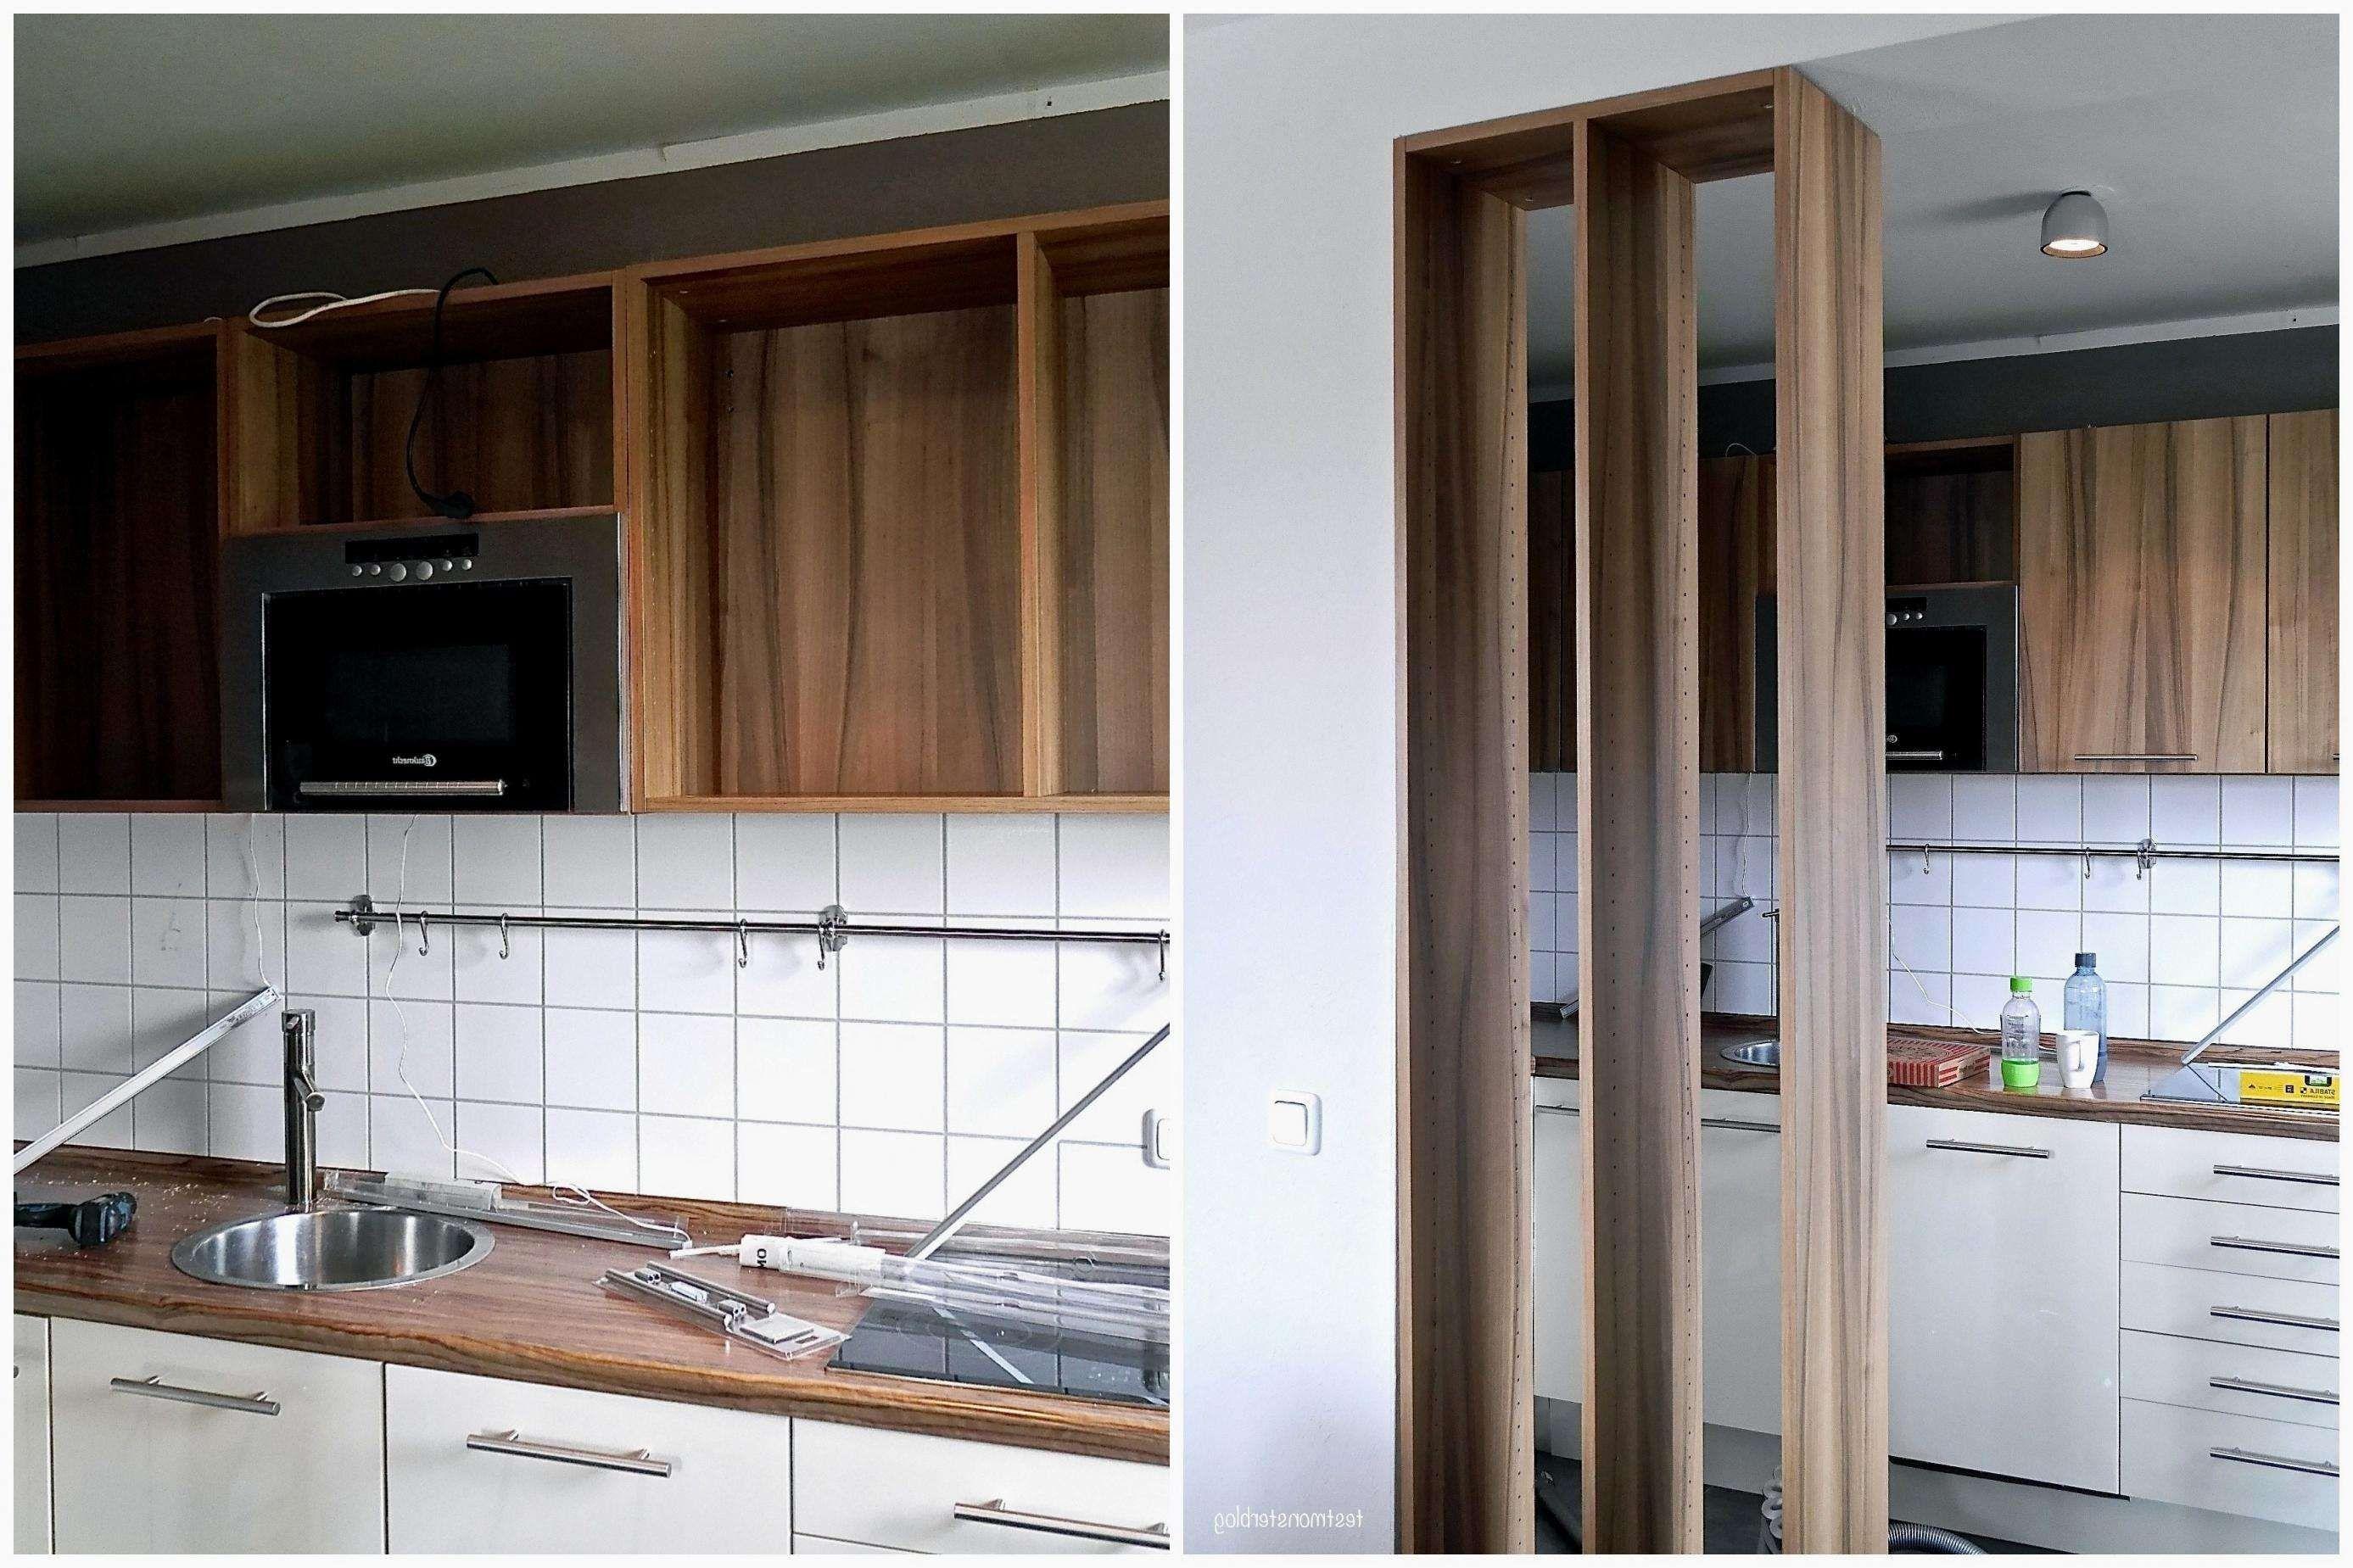 35 Frisch Arbeitsplatte Kuche Corian Erfahrungen Ikea Kitchen Kitchen Decor